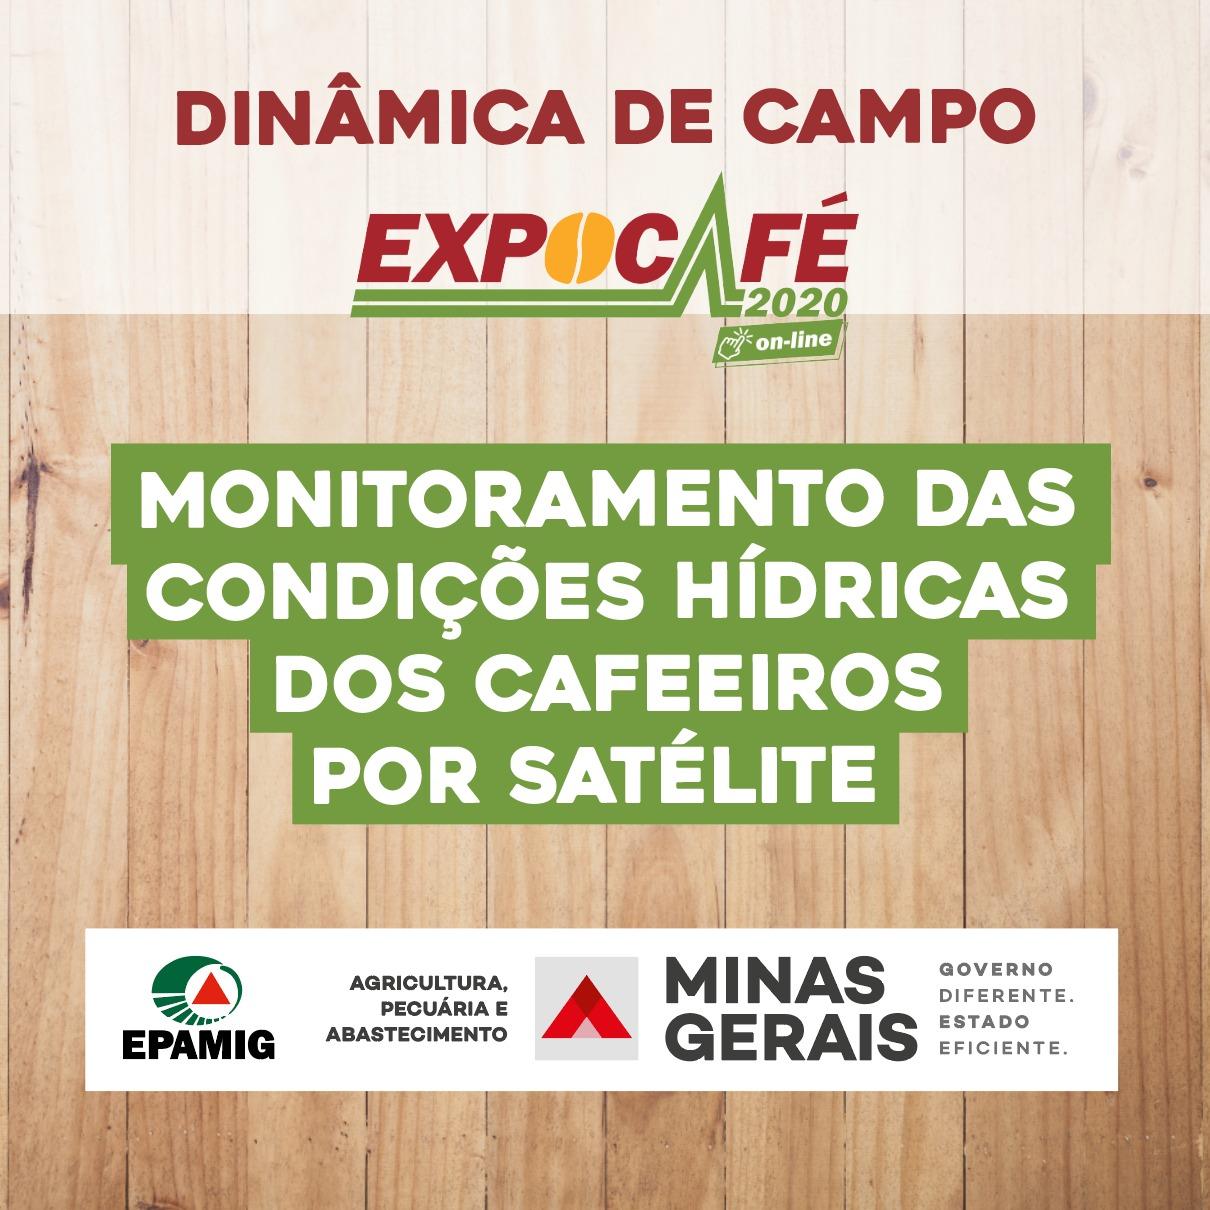 Monitoramento condições hídricas por satélite